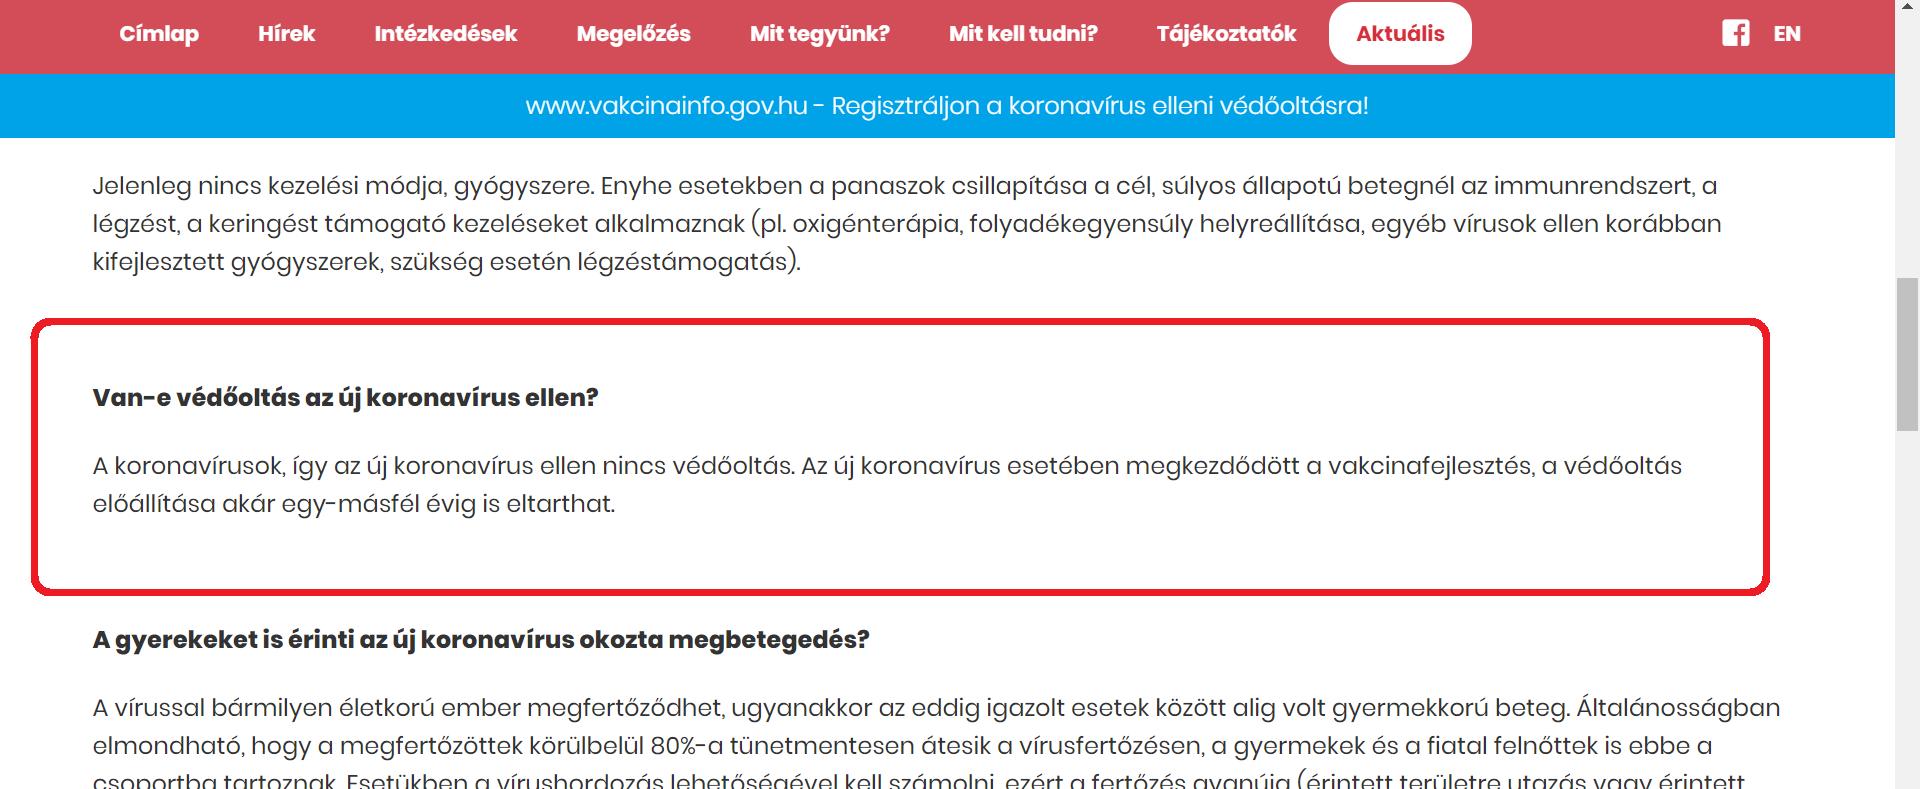 A magyar Koronainfó-oldalon még az szerepel, hogy nincs is védőoltás koronavírus ellen